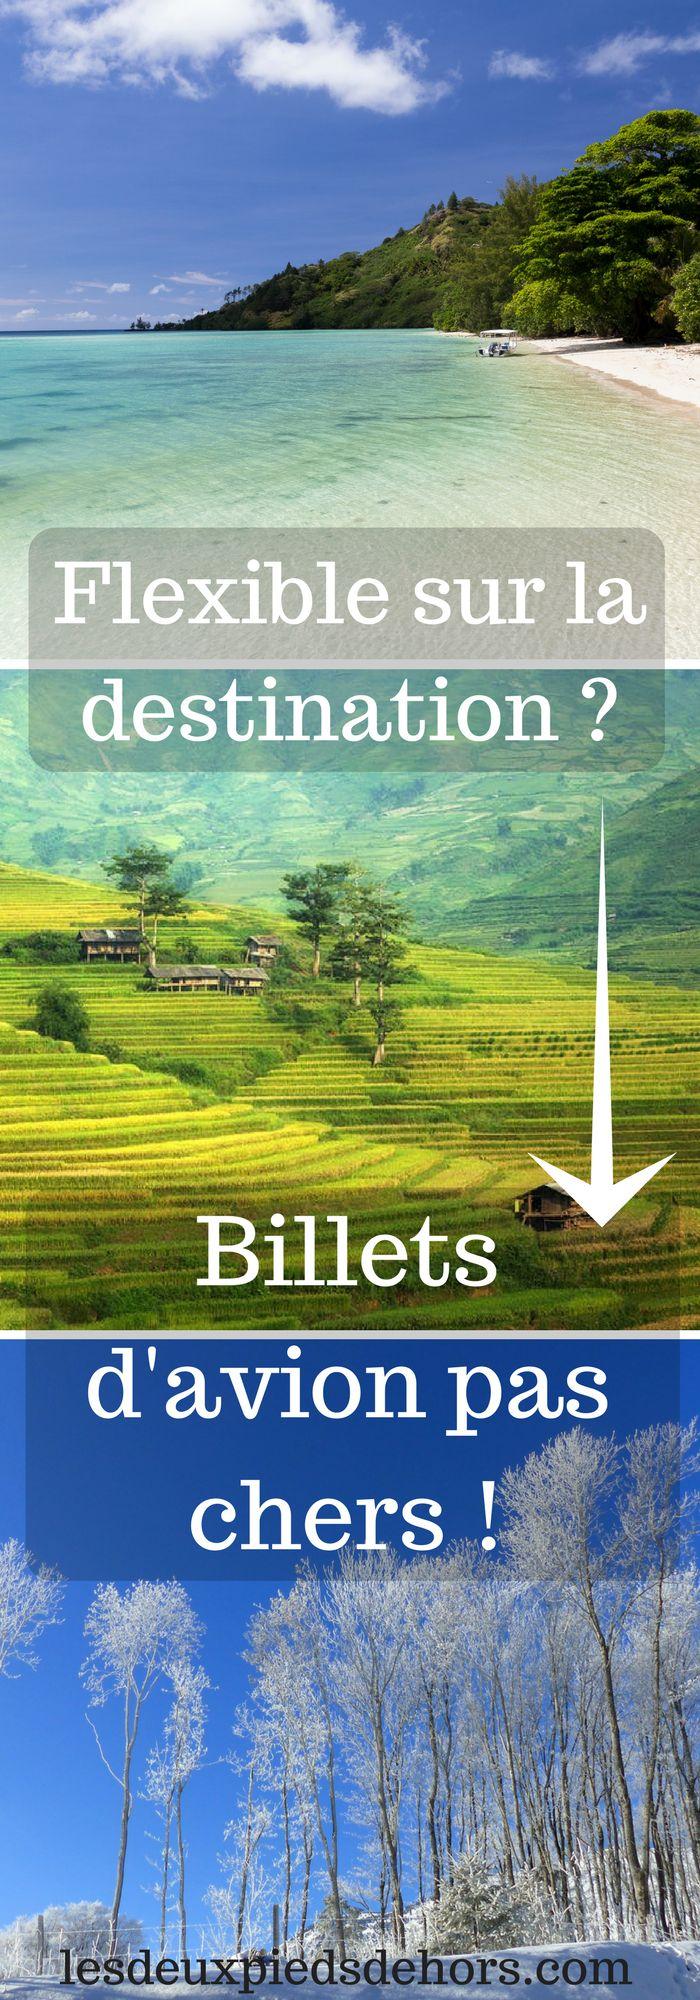 Vous êtes à la recherche de billets d'avion pas chers ? De vols pas chers ? Uns des principales astuces est d'être flexible sur sa destination ! Mais il existe d'autres astuces, les connaissez vous ?